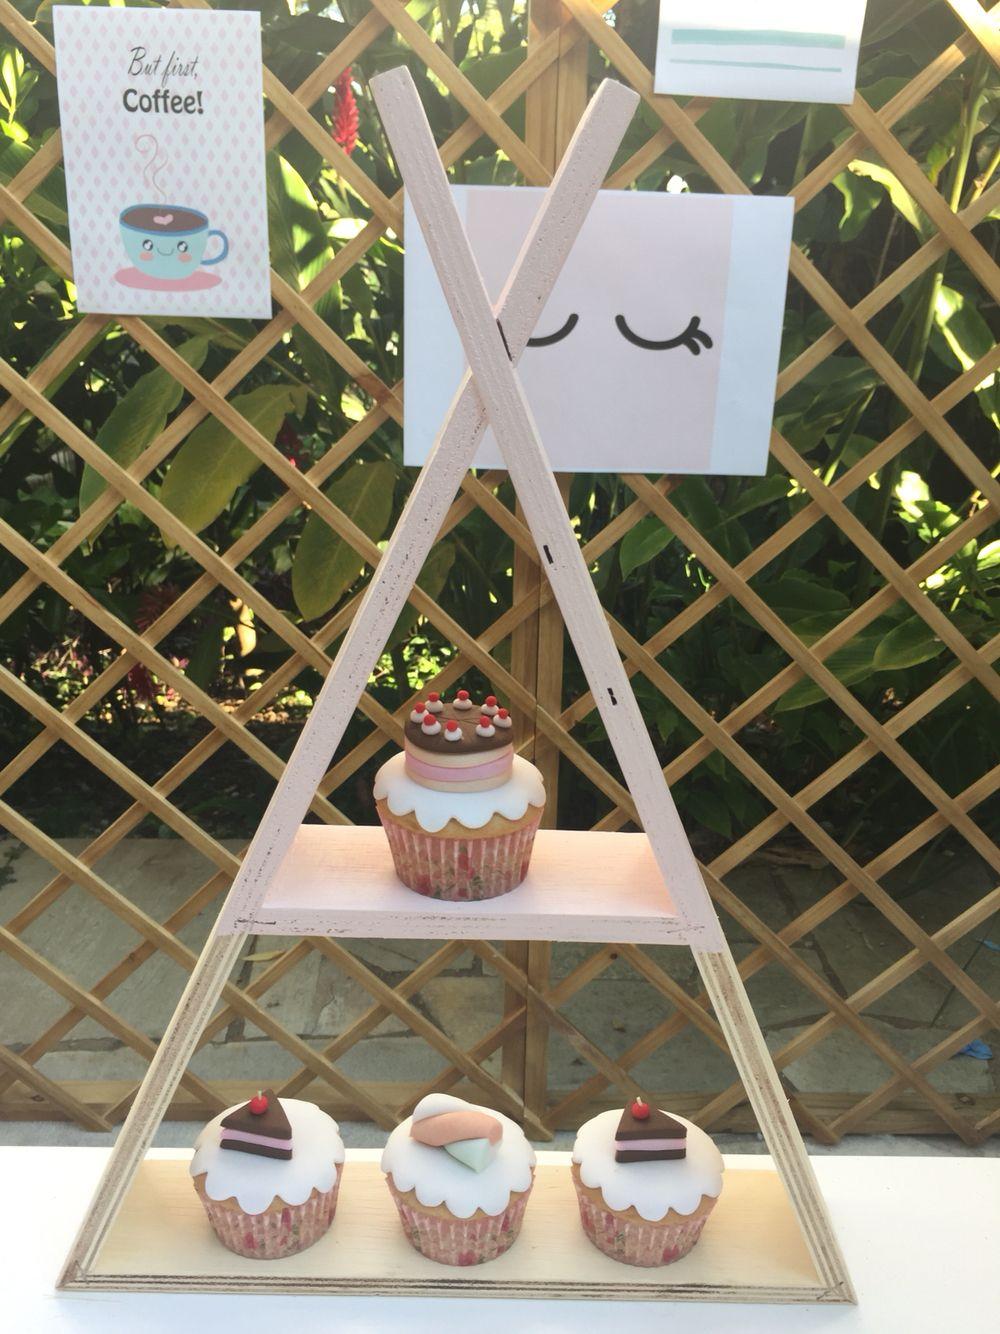 Cupcakes decorados festa confeitaria